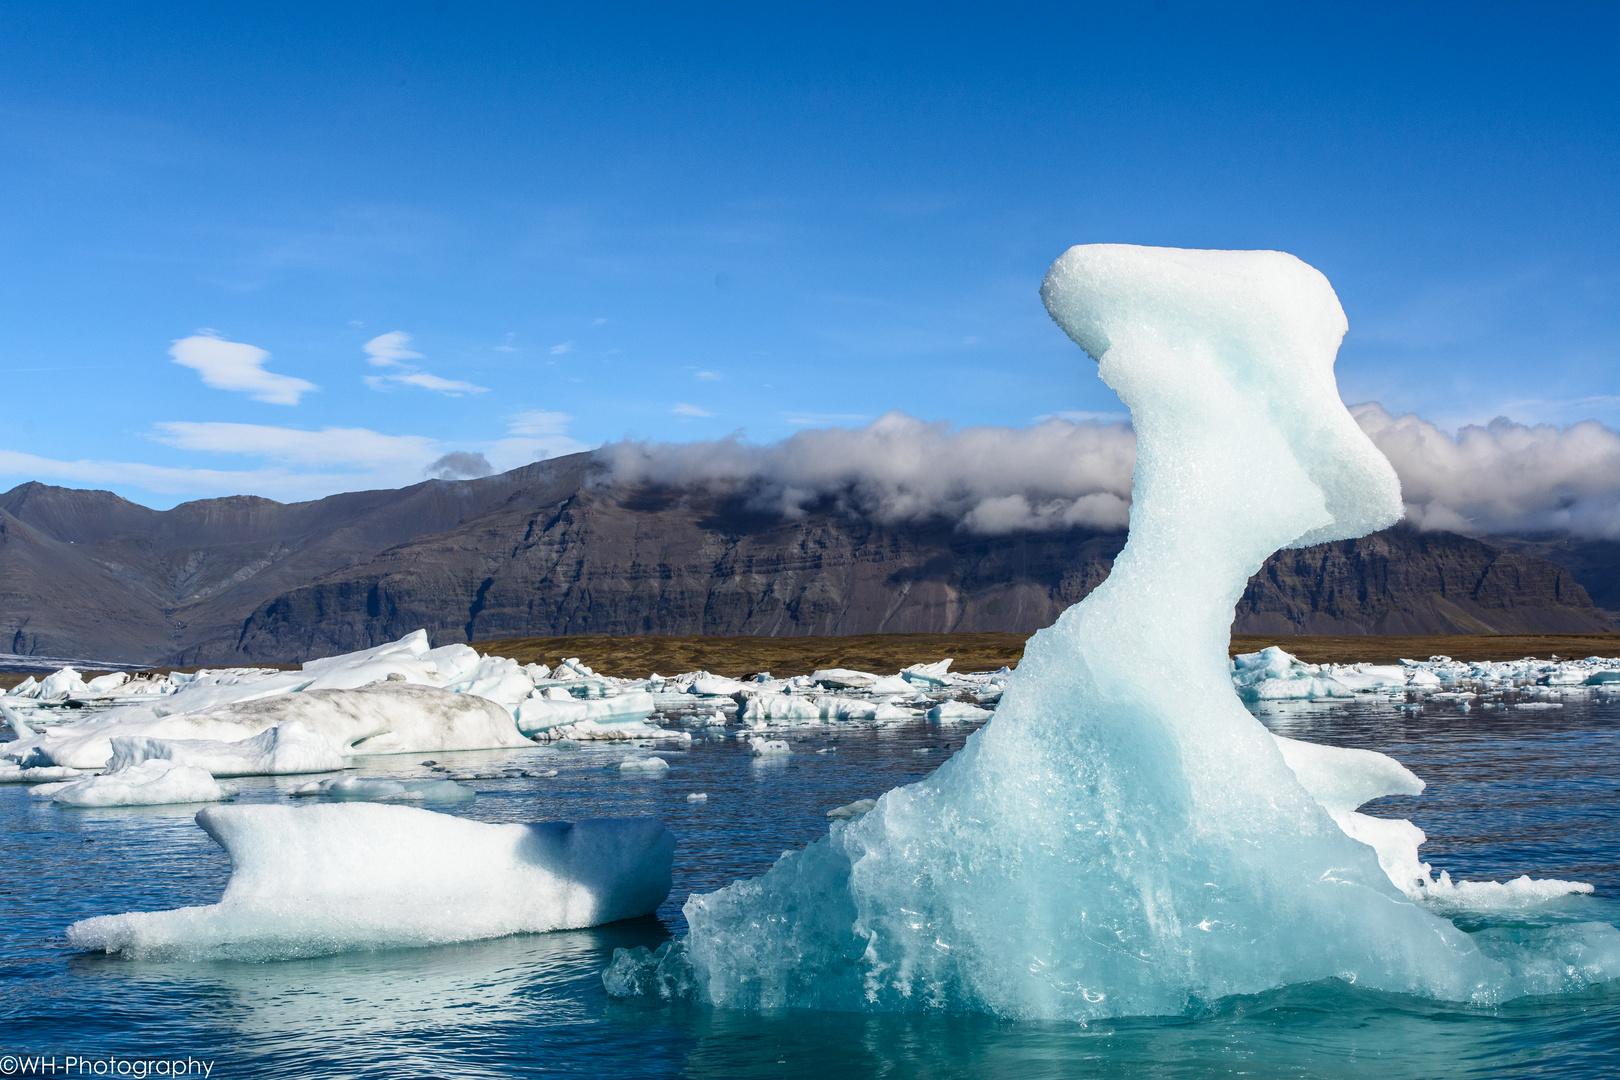 Und noch ein Eisberg oder besser eine Eisskulptur?